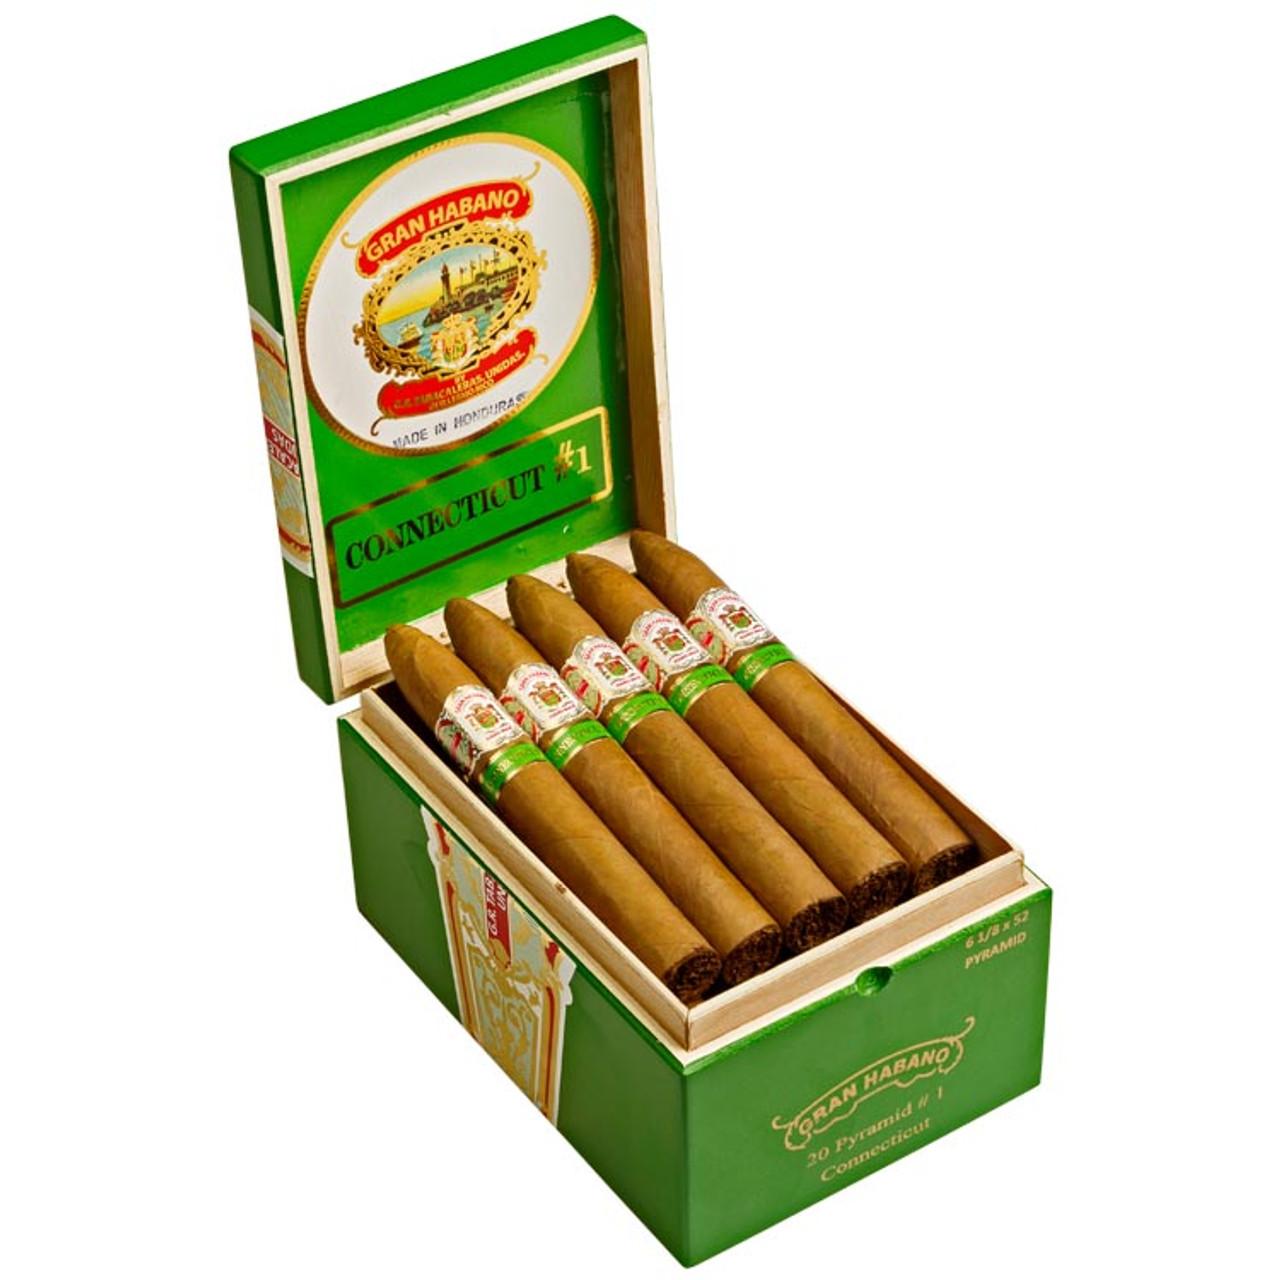 Gran Habano #1 Connecticut Pyramid Cigars - 6.12 x 52 (Box of 20)